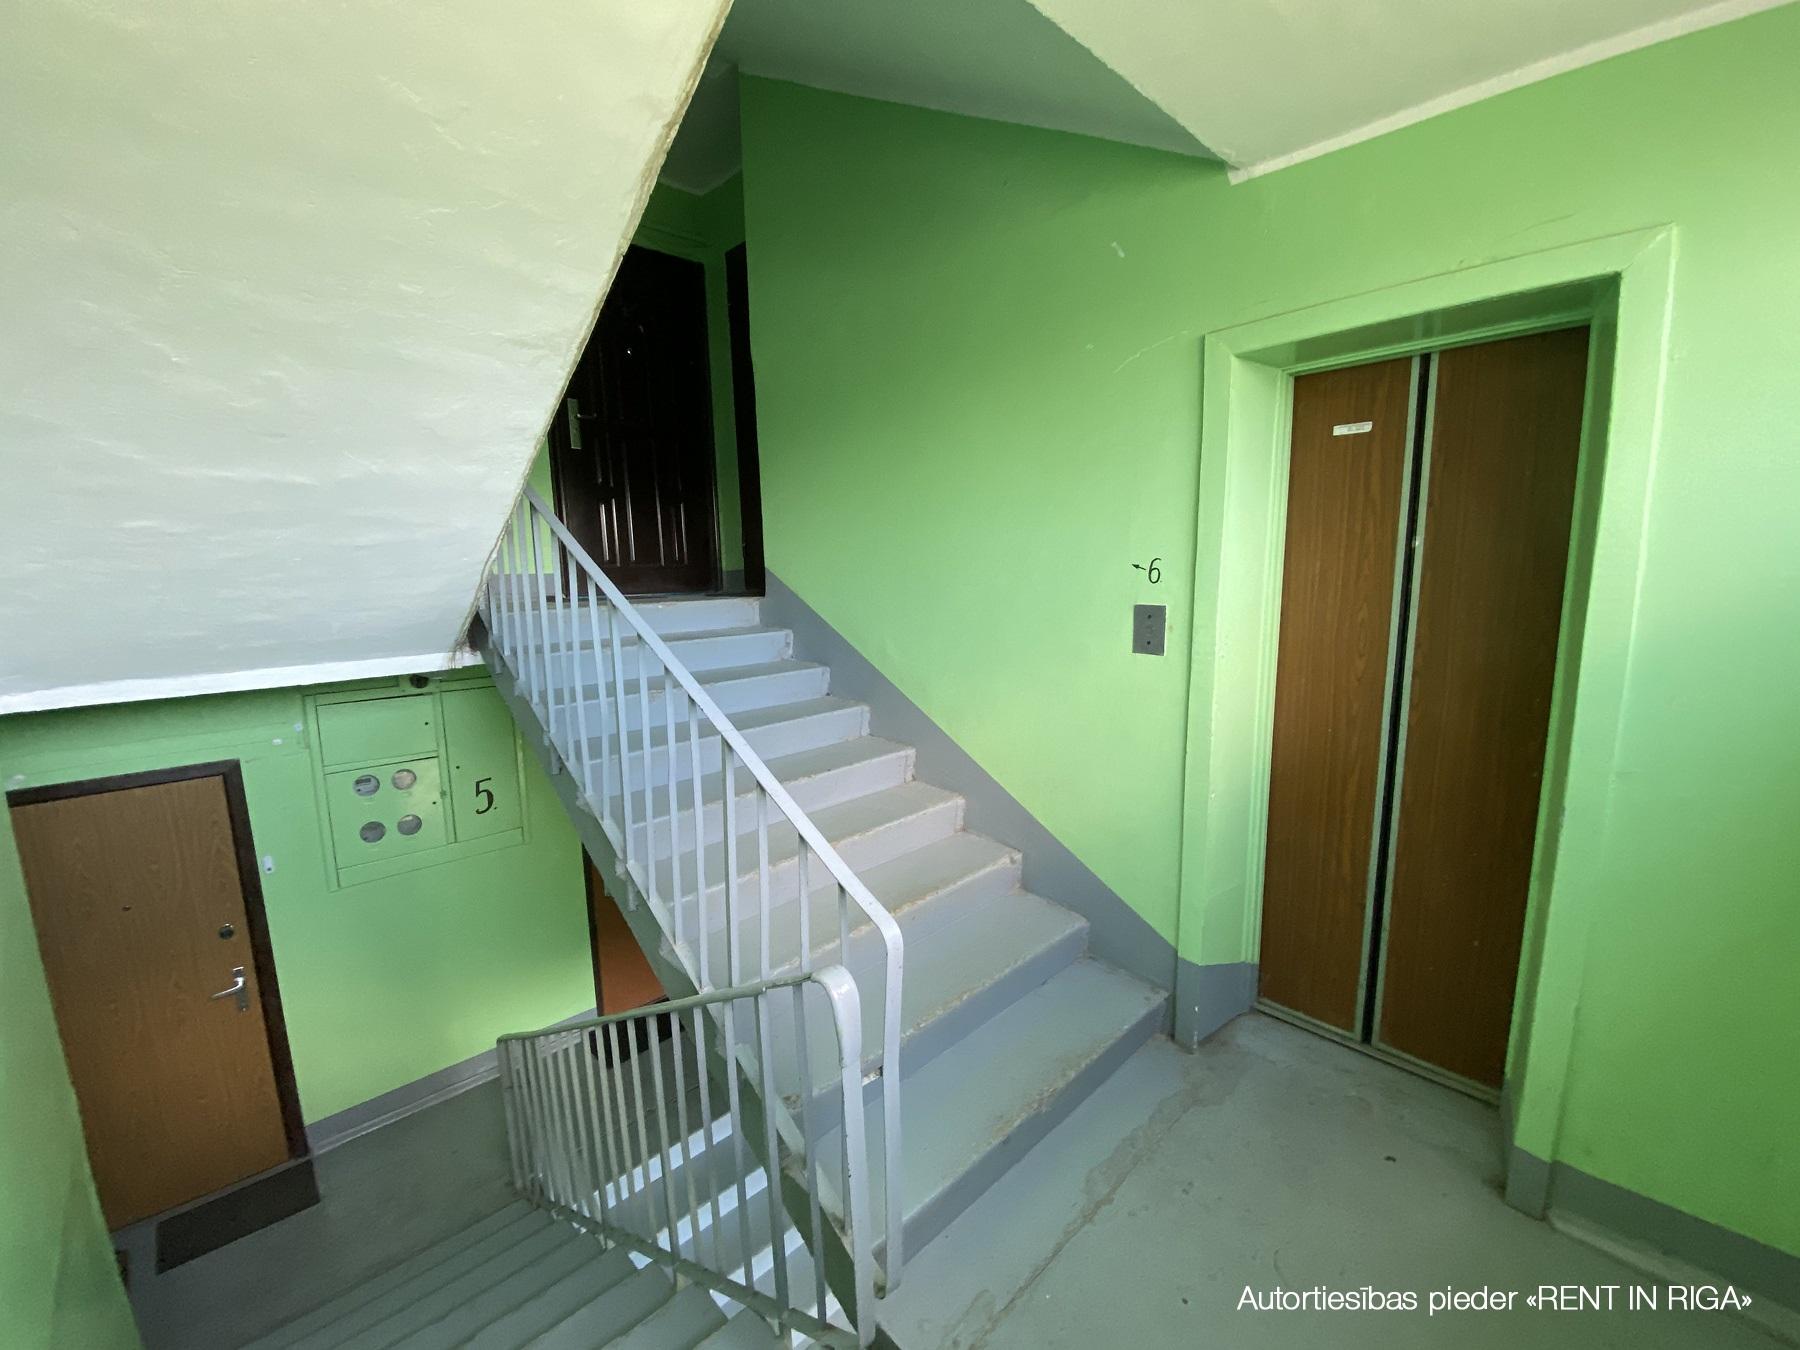 Pārdod dzīvokli, Loka Maģistrāle 23 - Attēls 1